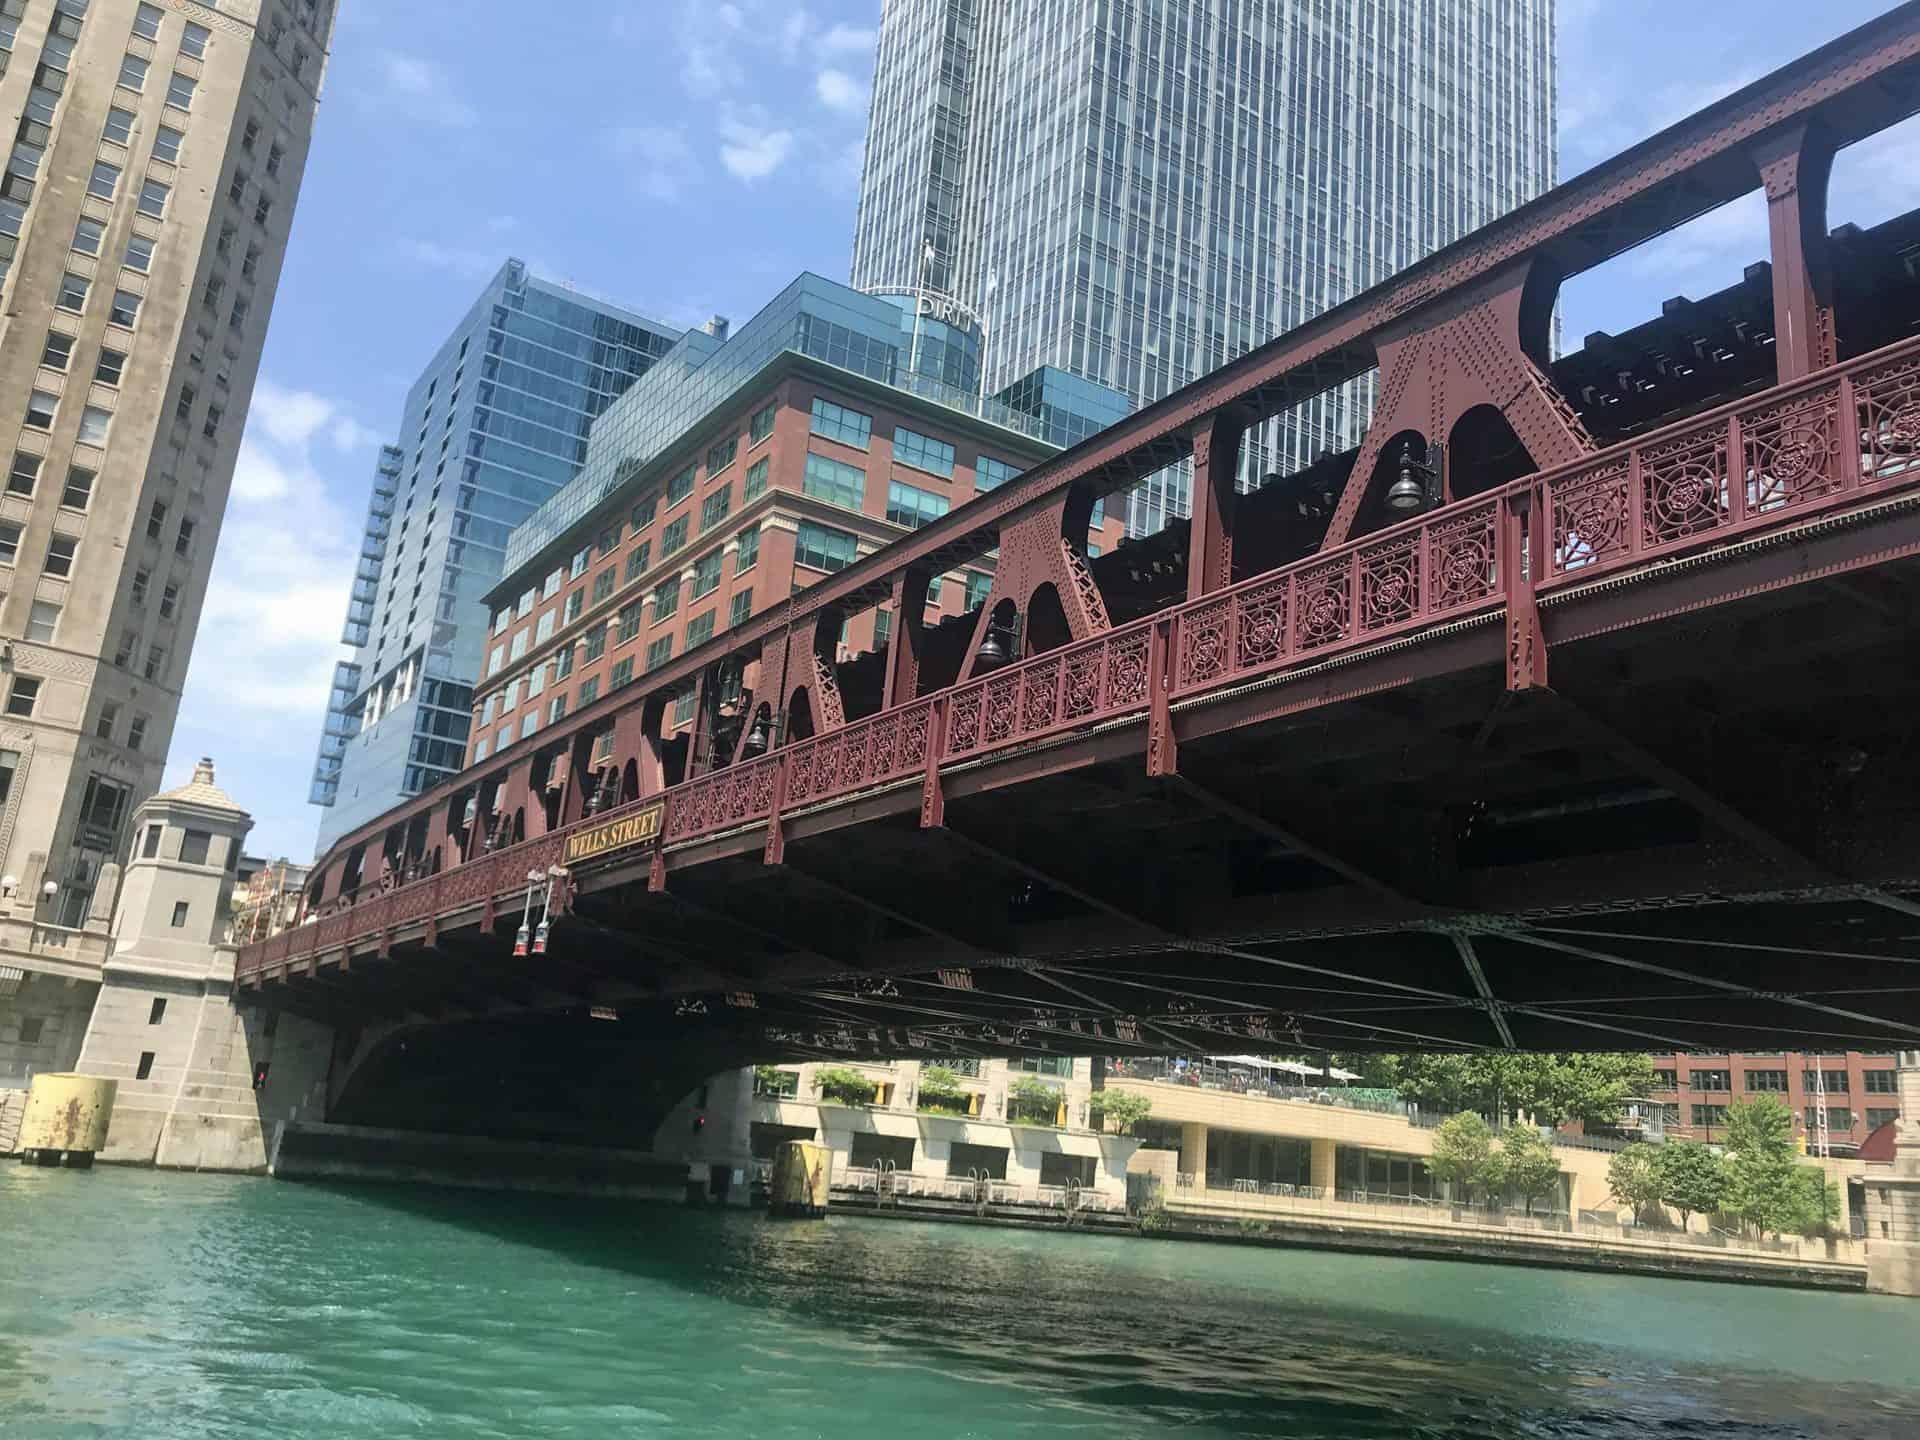 chicagoriverwalk_Point 16.1 West of Wells Street bridge